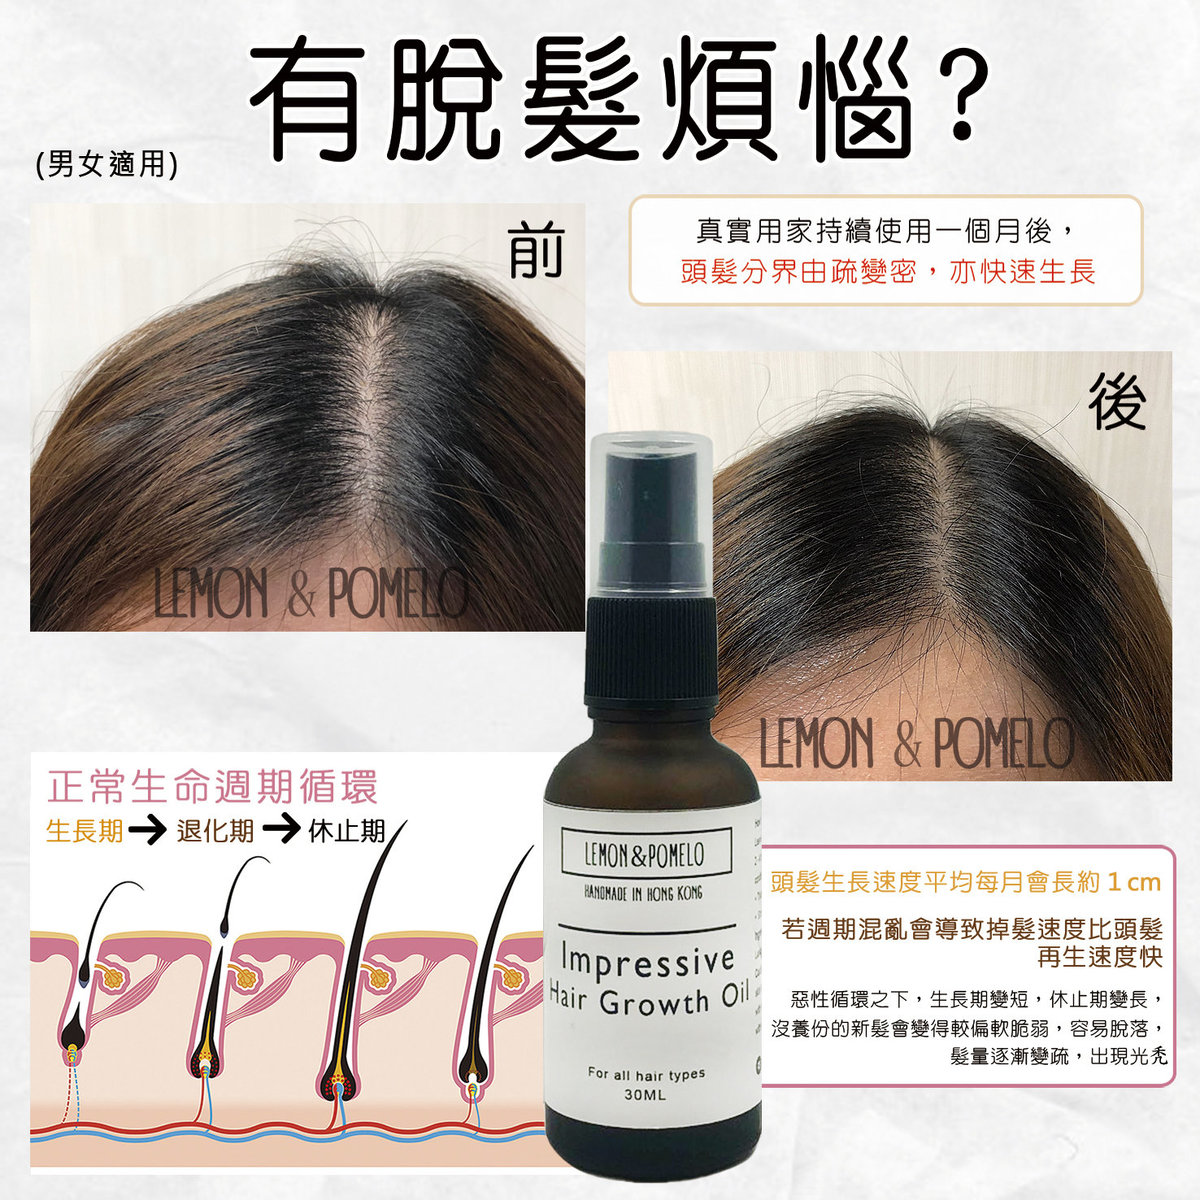 Hair Growth Oil 30ml